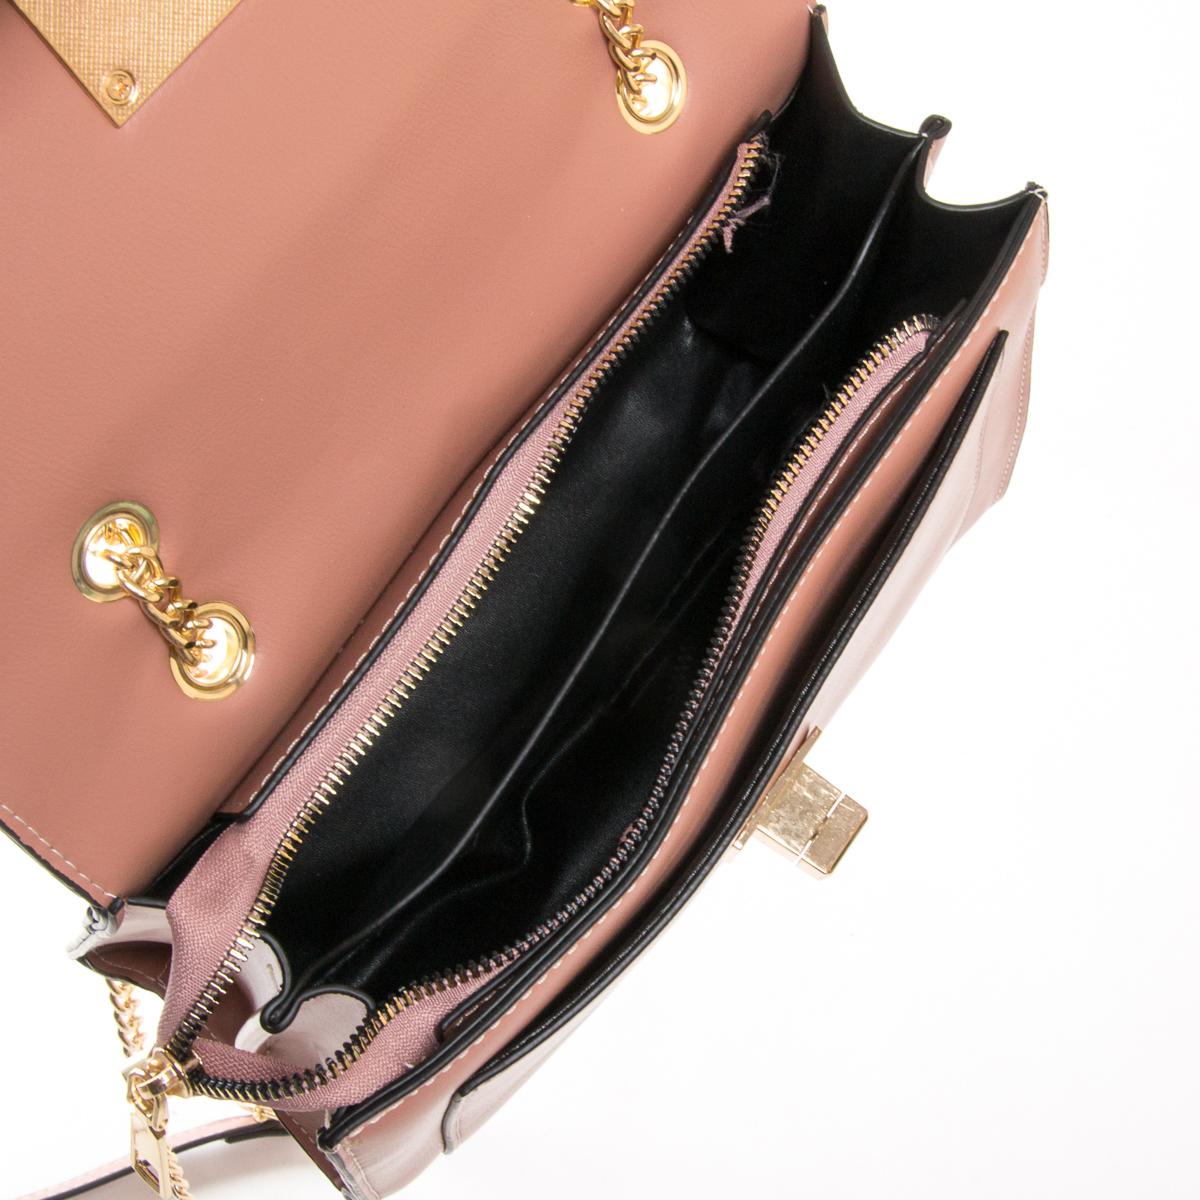 Сумка Женская Классическая иск-кожа FASHION 01-00 810 pink - фото 5